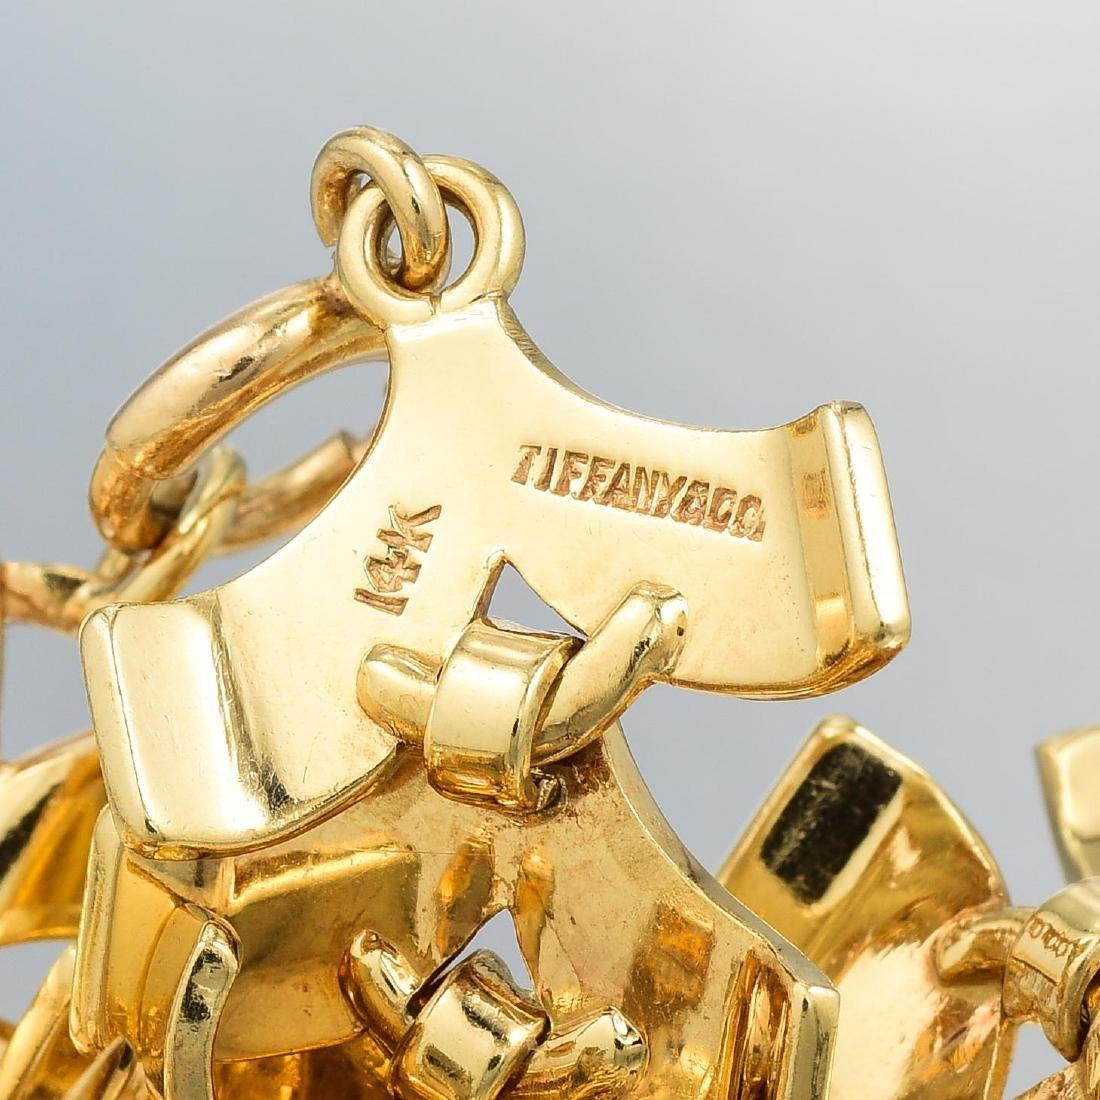 Tiffany & Co. Gold Necklace and Bracelet Set - 7